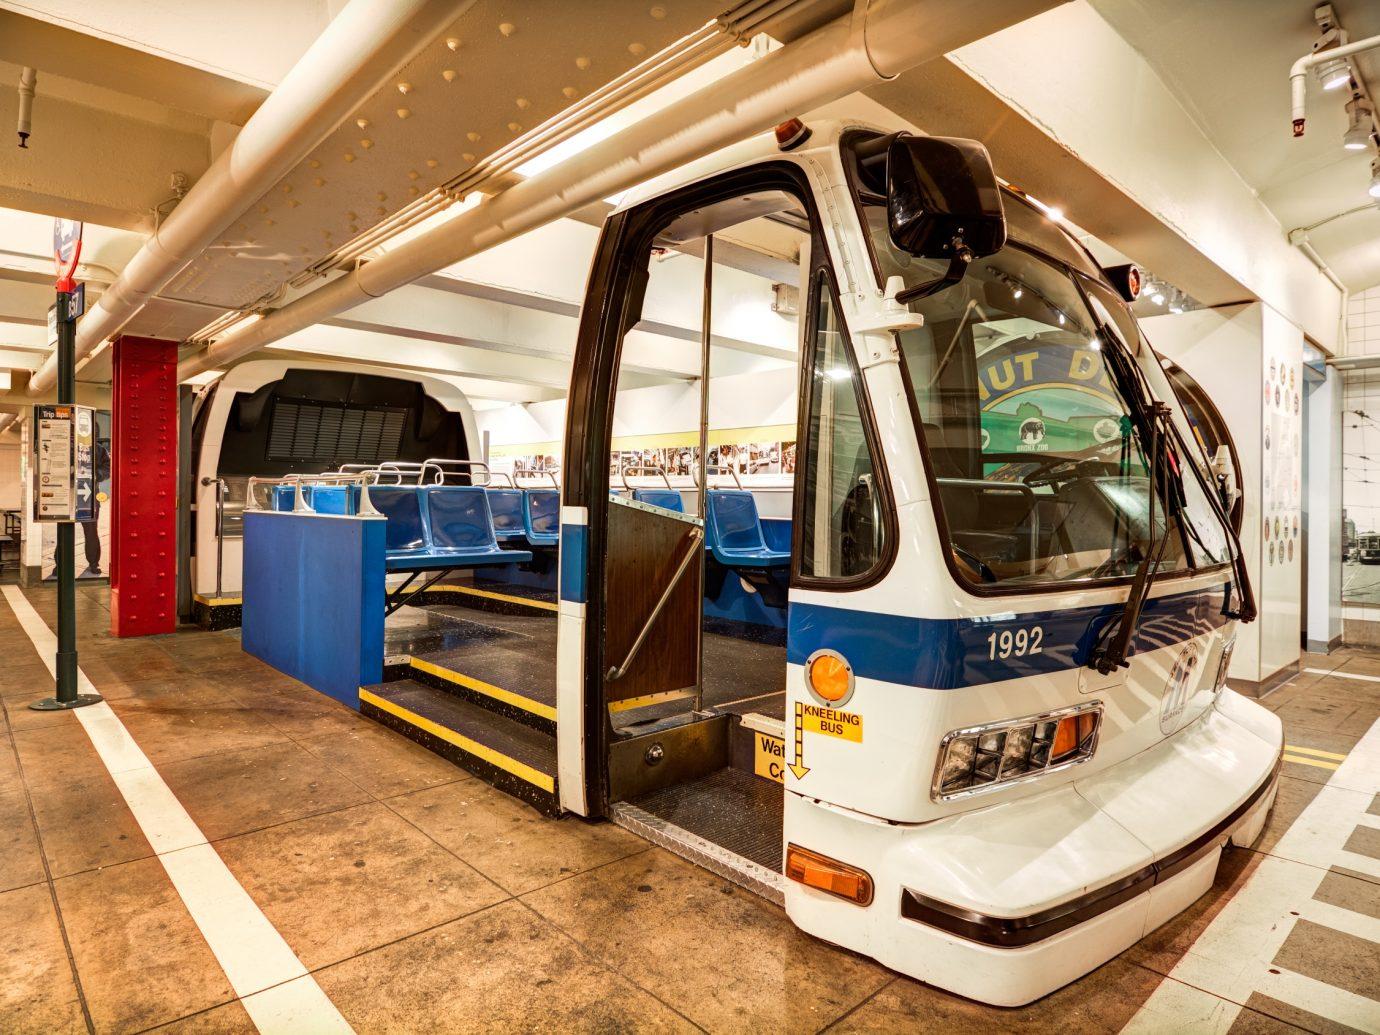 older bus on display